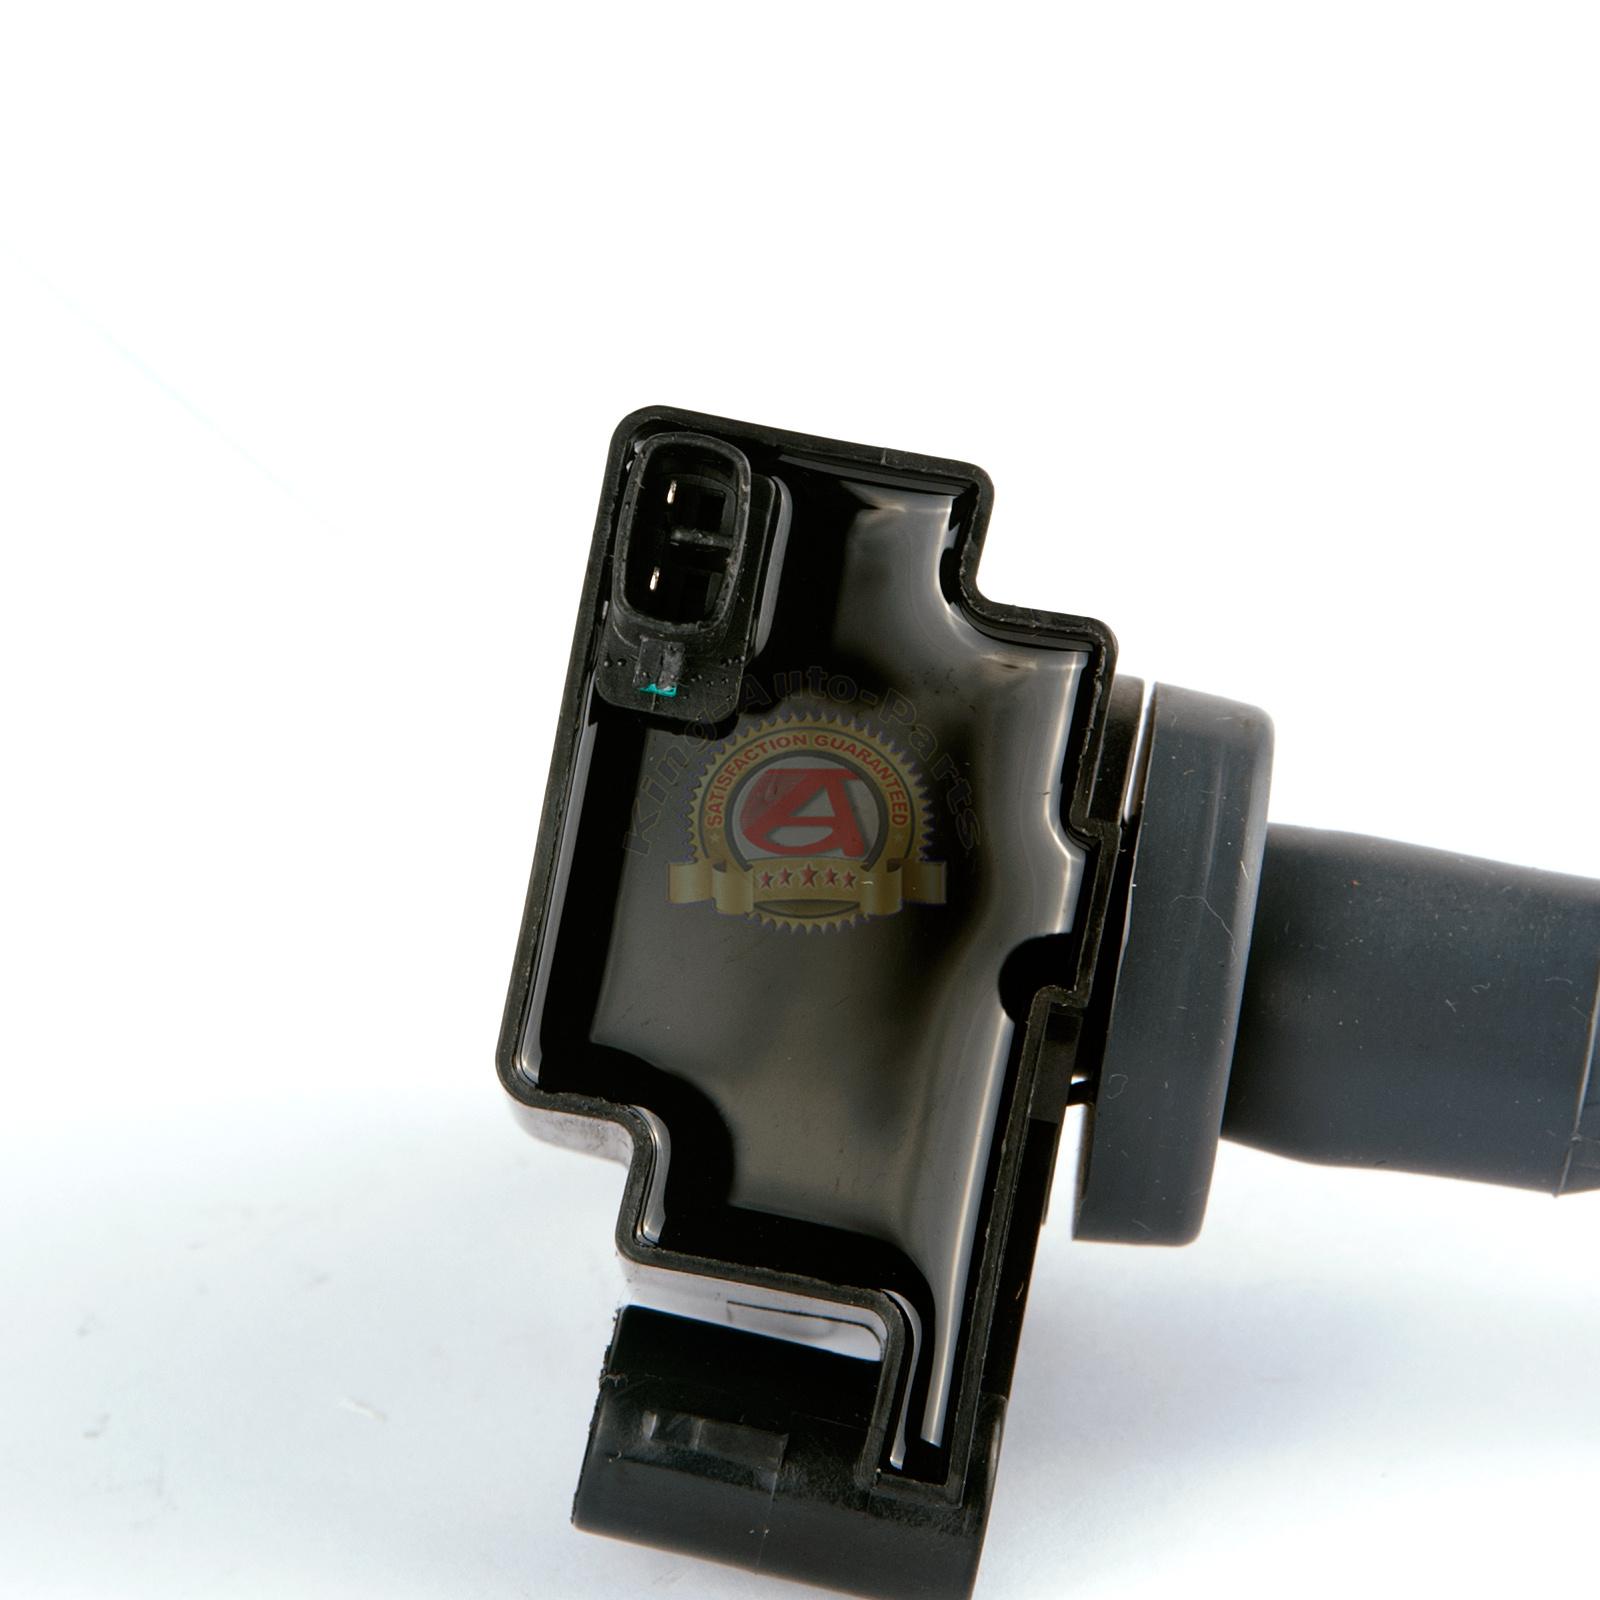 New Ignition Coil Cassette Pack For Toyota 4runner Tundra Tacoma 2000 Uf156 V6 34l